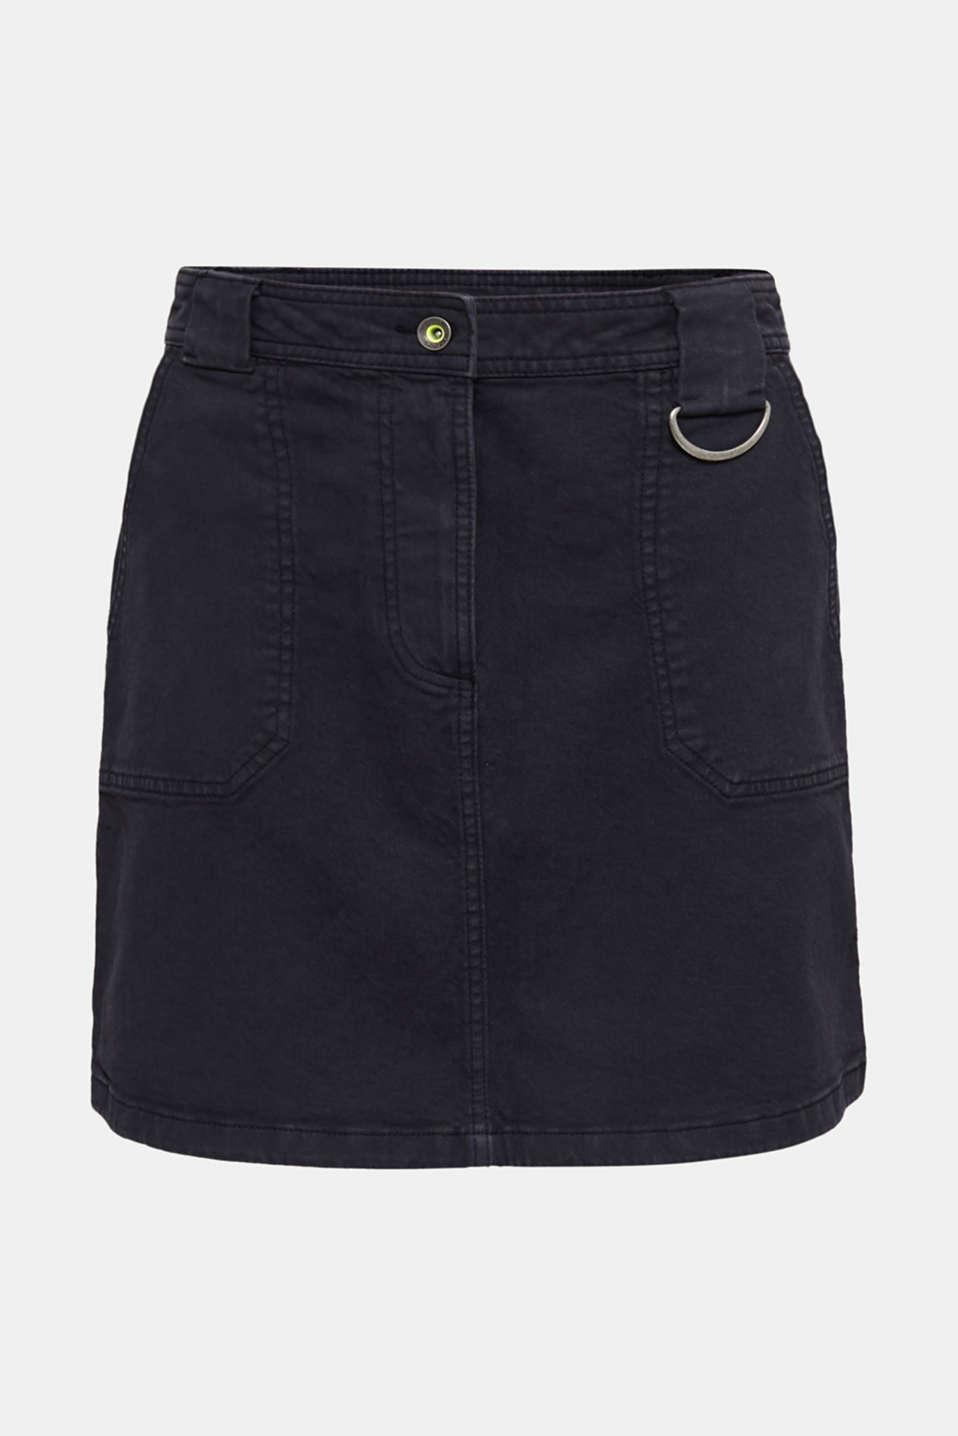 Denim skirt with pockets, BLACK, detail image number 5